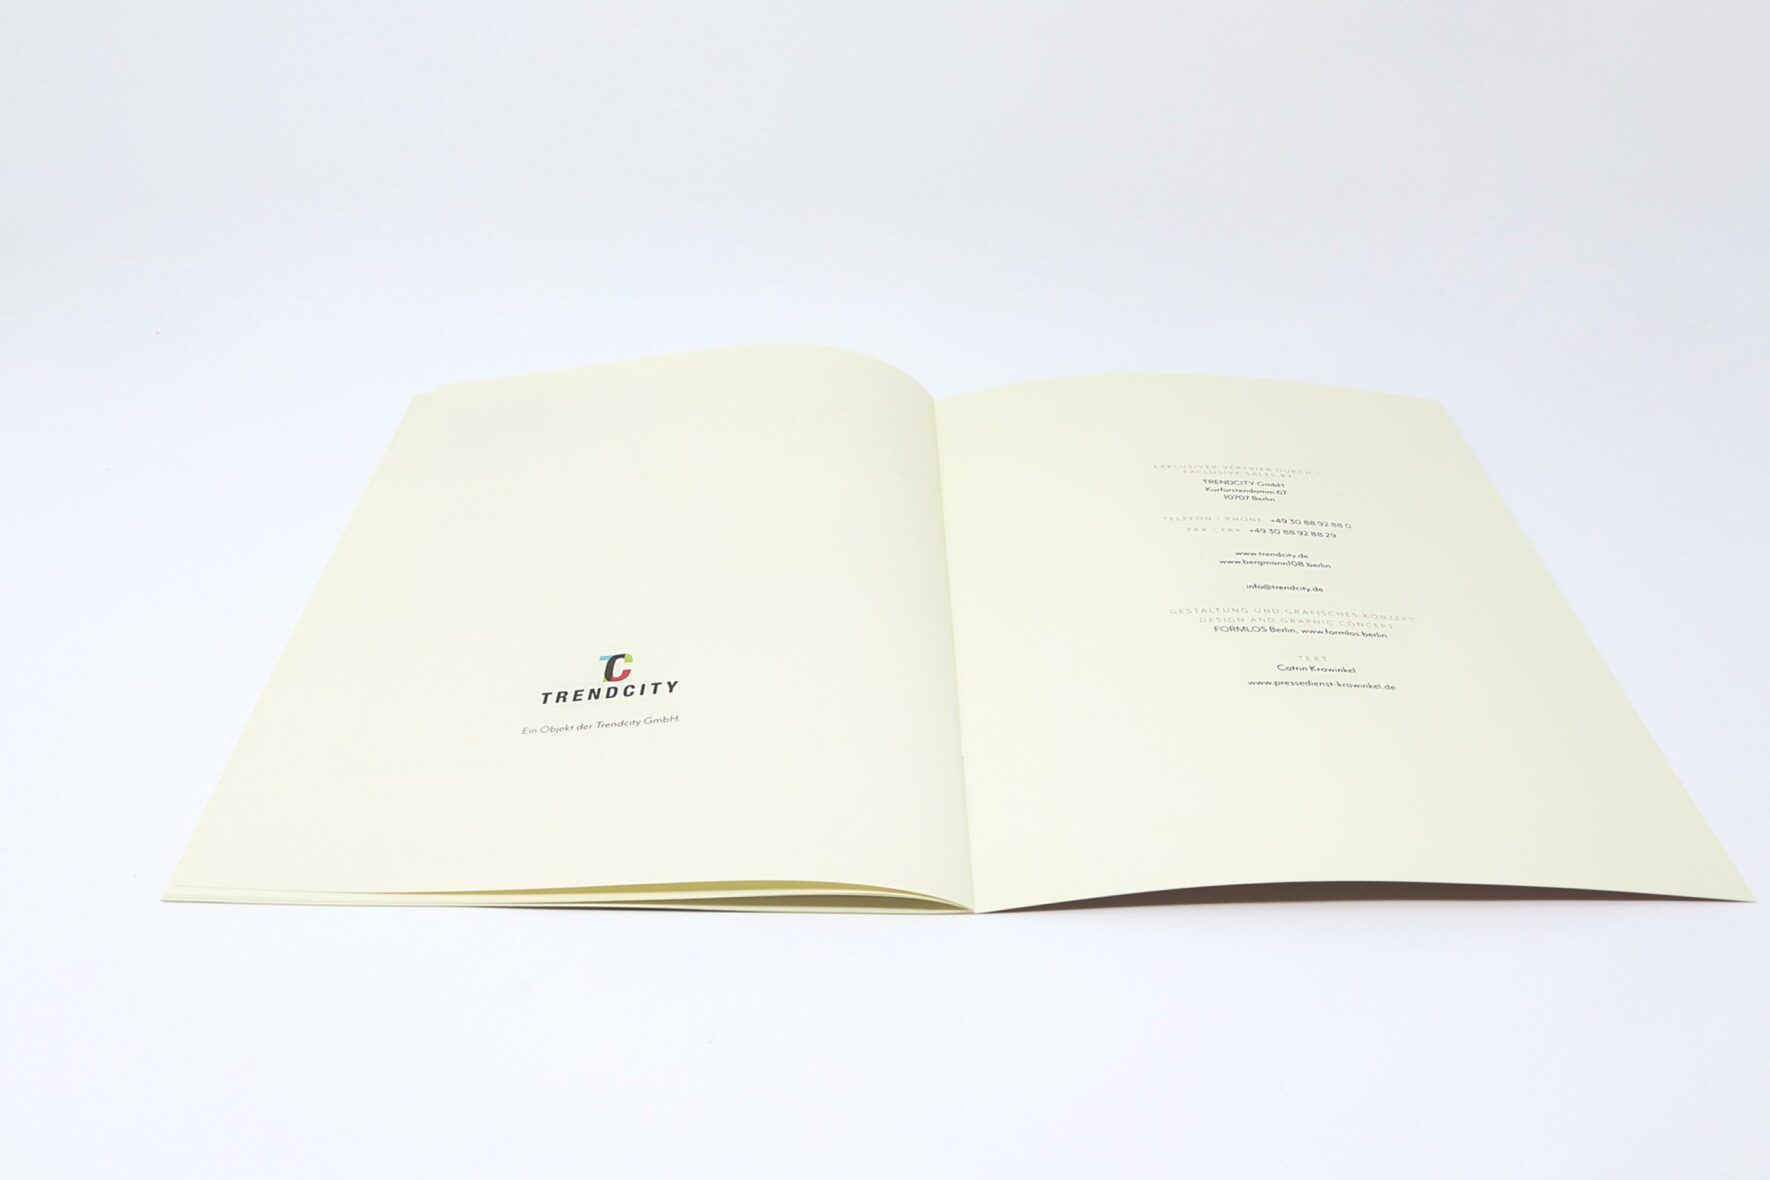 Corporate_Design-Trendcity_Immobilien-Broschüre-Bergmann-Layout-7